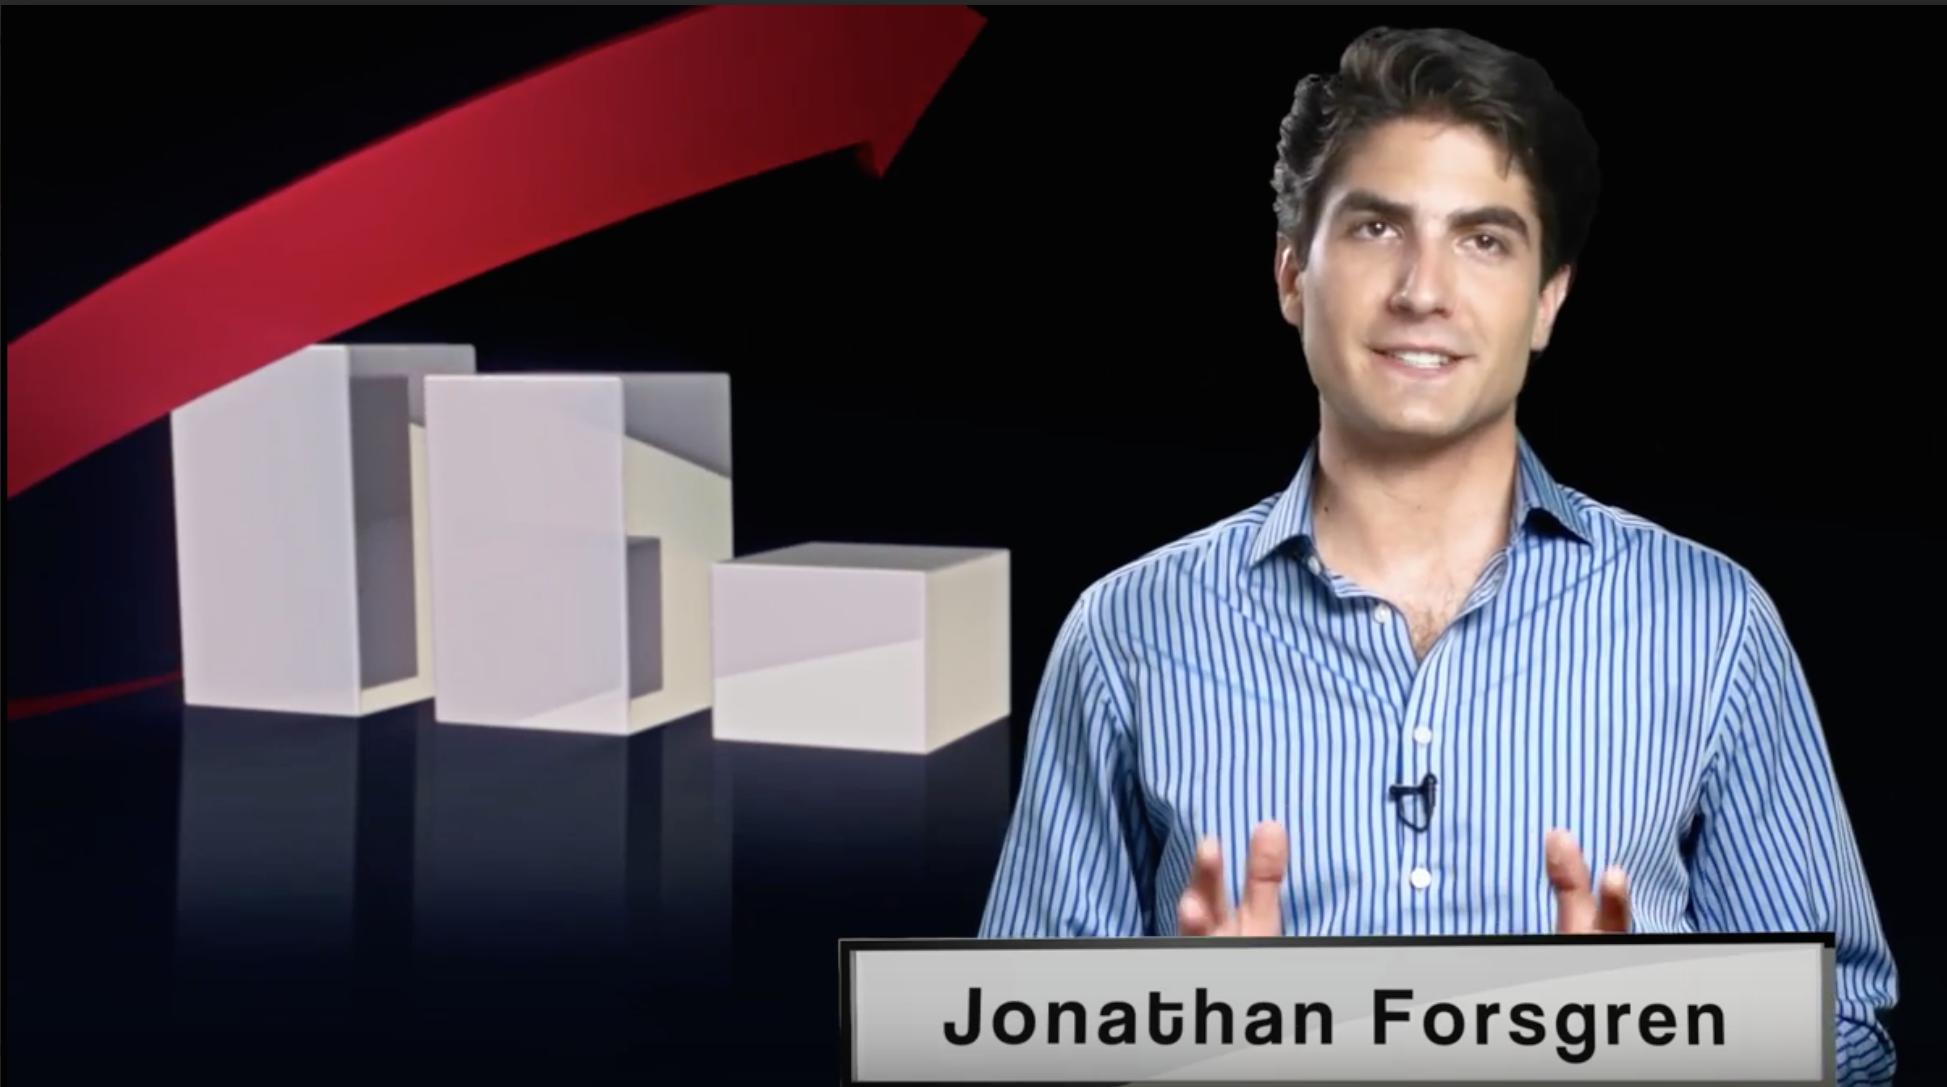 JForsgren for The Funding Center